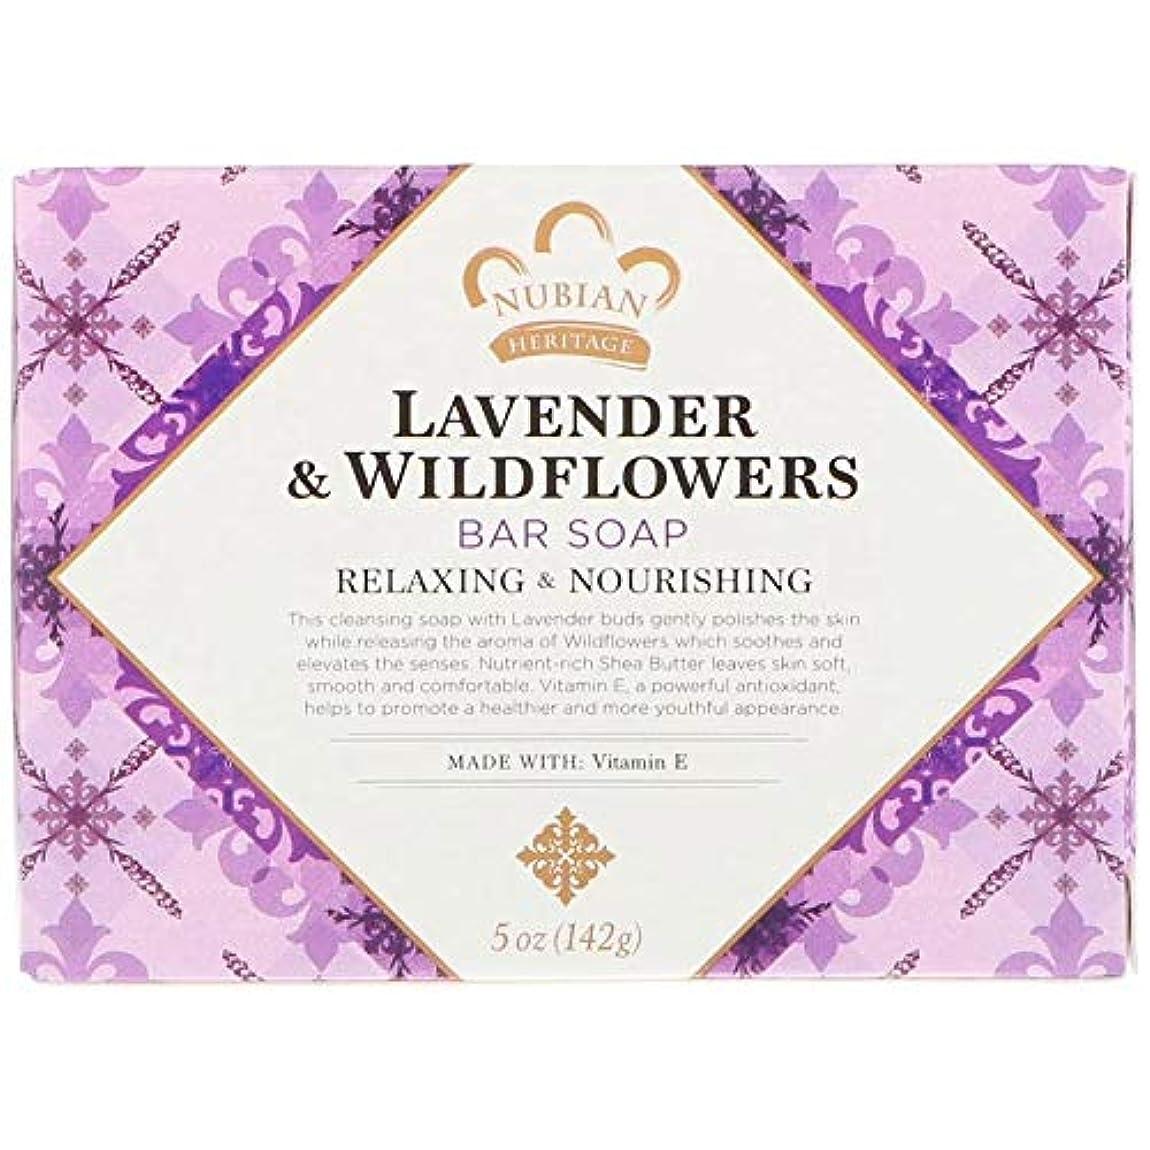 締め切り置くためにパック計算するシアバターソープ石鹸 ラベンダー&ワイルドフラワー Lavender & Wildflowers Bar Soap, 5 oz (142 g) [並行輸入品]